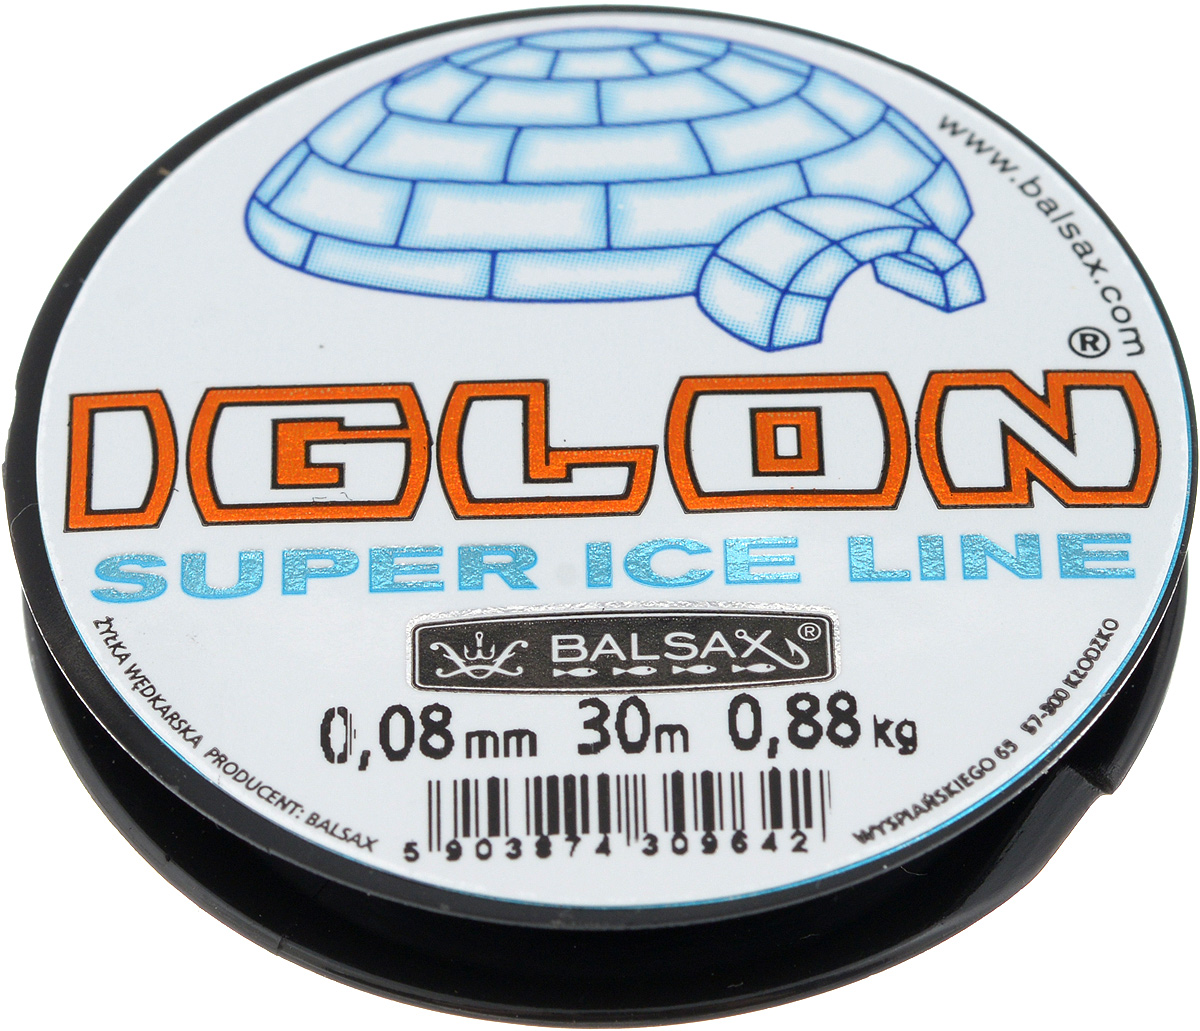 Леска зимняя Balsax Iglon, 30 м, 0,08 мм, 0,88 кг30065Леска Balsax Iglon изготовлена из 100% нейлона и очень хорошо выдерживает низкие температуры. Даже в самом холодном климате, при температуре вплоть до -40°C, она сохраняет свои свойства практически без изменений, в то время как традиционные лески становятся менее эластичными и теряют прочность.Поверхность лески обработана таким образом, что она не обмерзает и отлично подходит для подледного лова. Прочна в местах вязки узлов даже при минимальном диаметре.